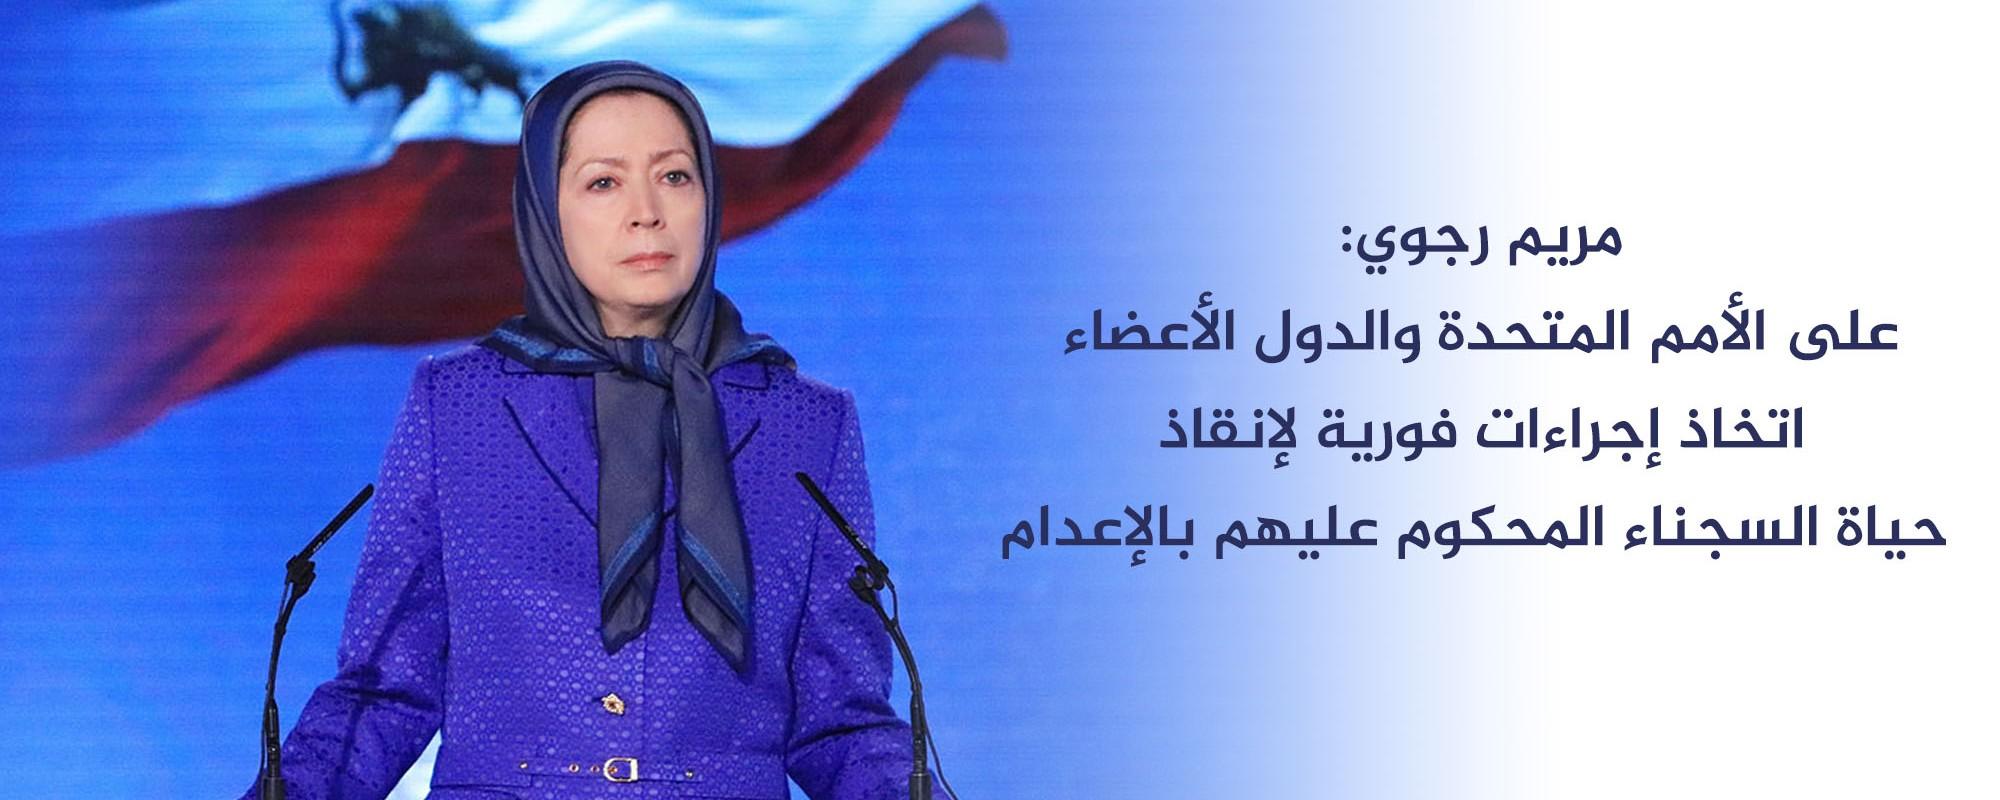 مريم رجوي: على الأمم المتحدة والدول الأعضاء اتخاذ إجراءات فورية لإنقاذ حياة السجناء المحكوم عليهم بالإعدام